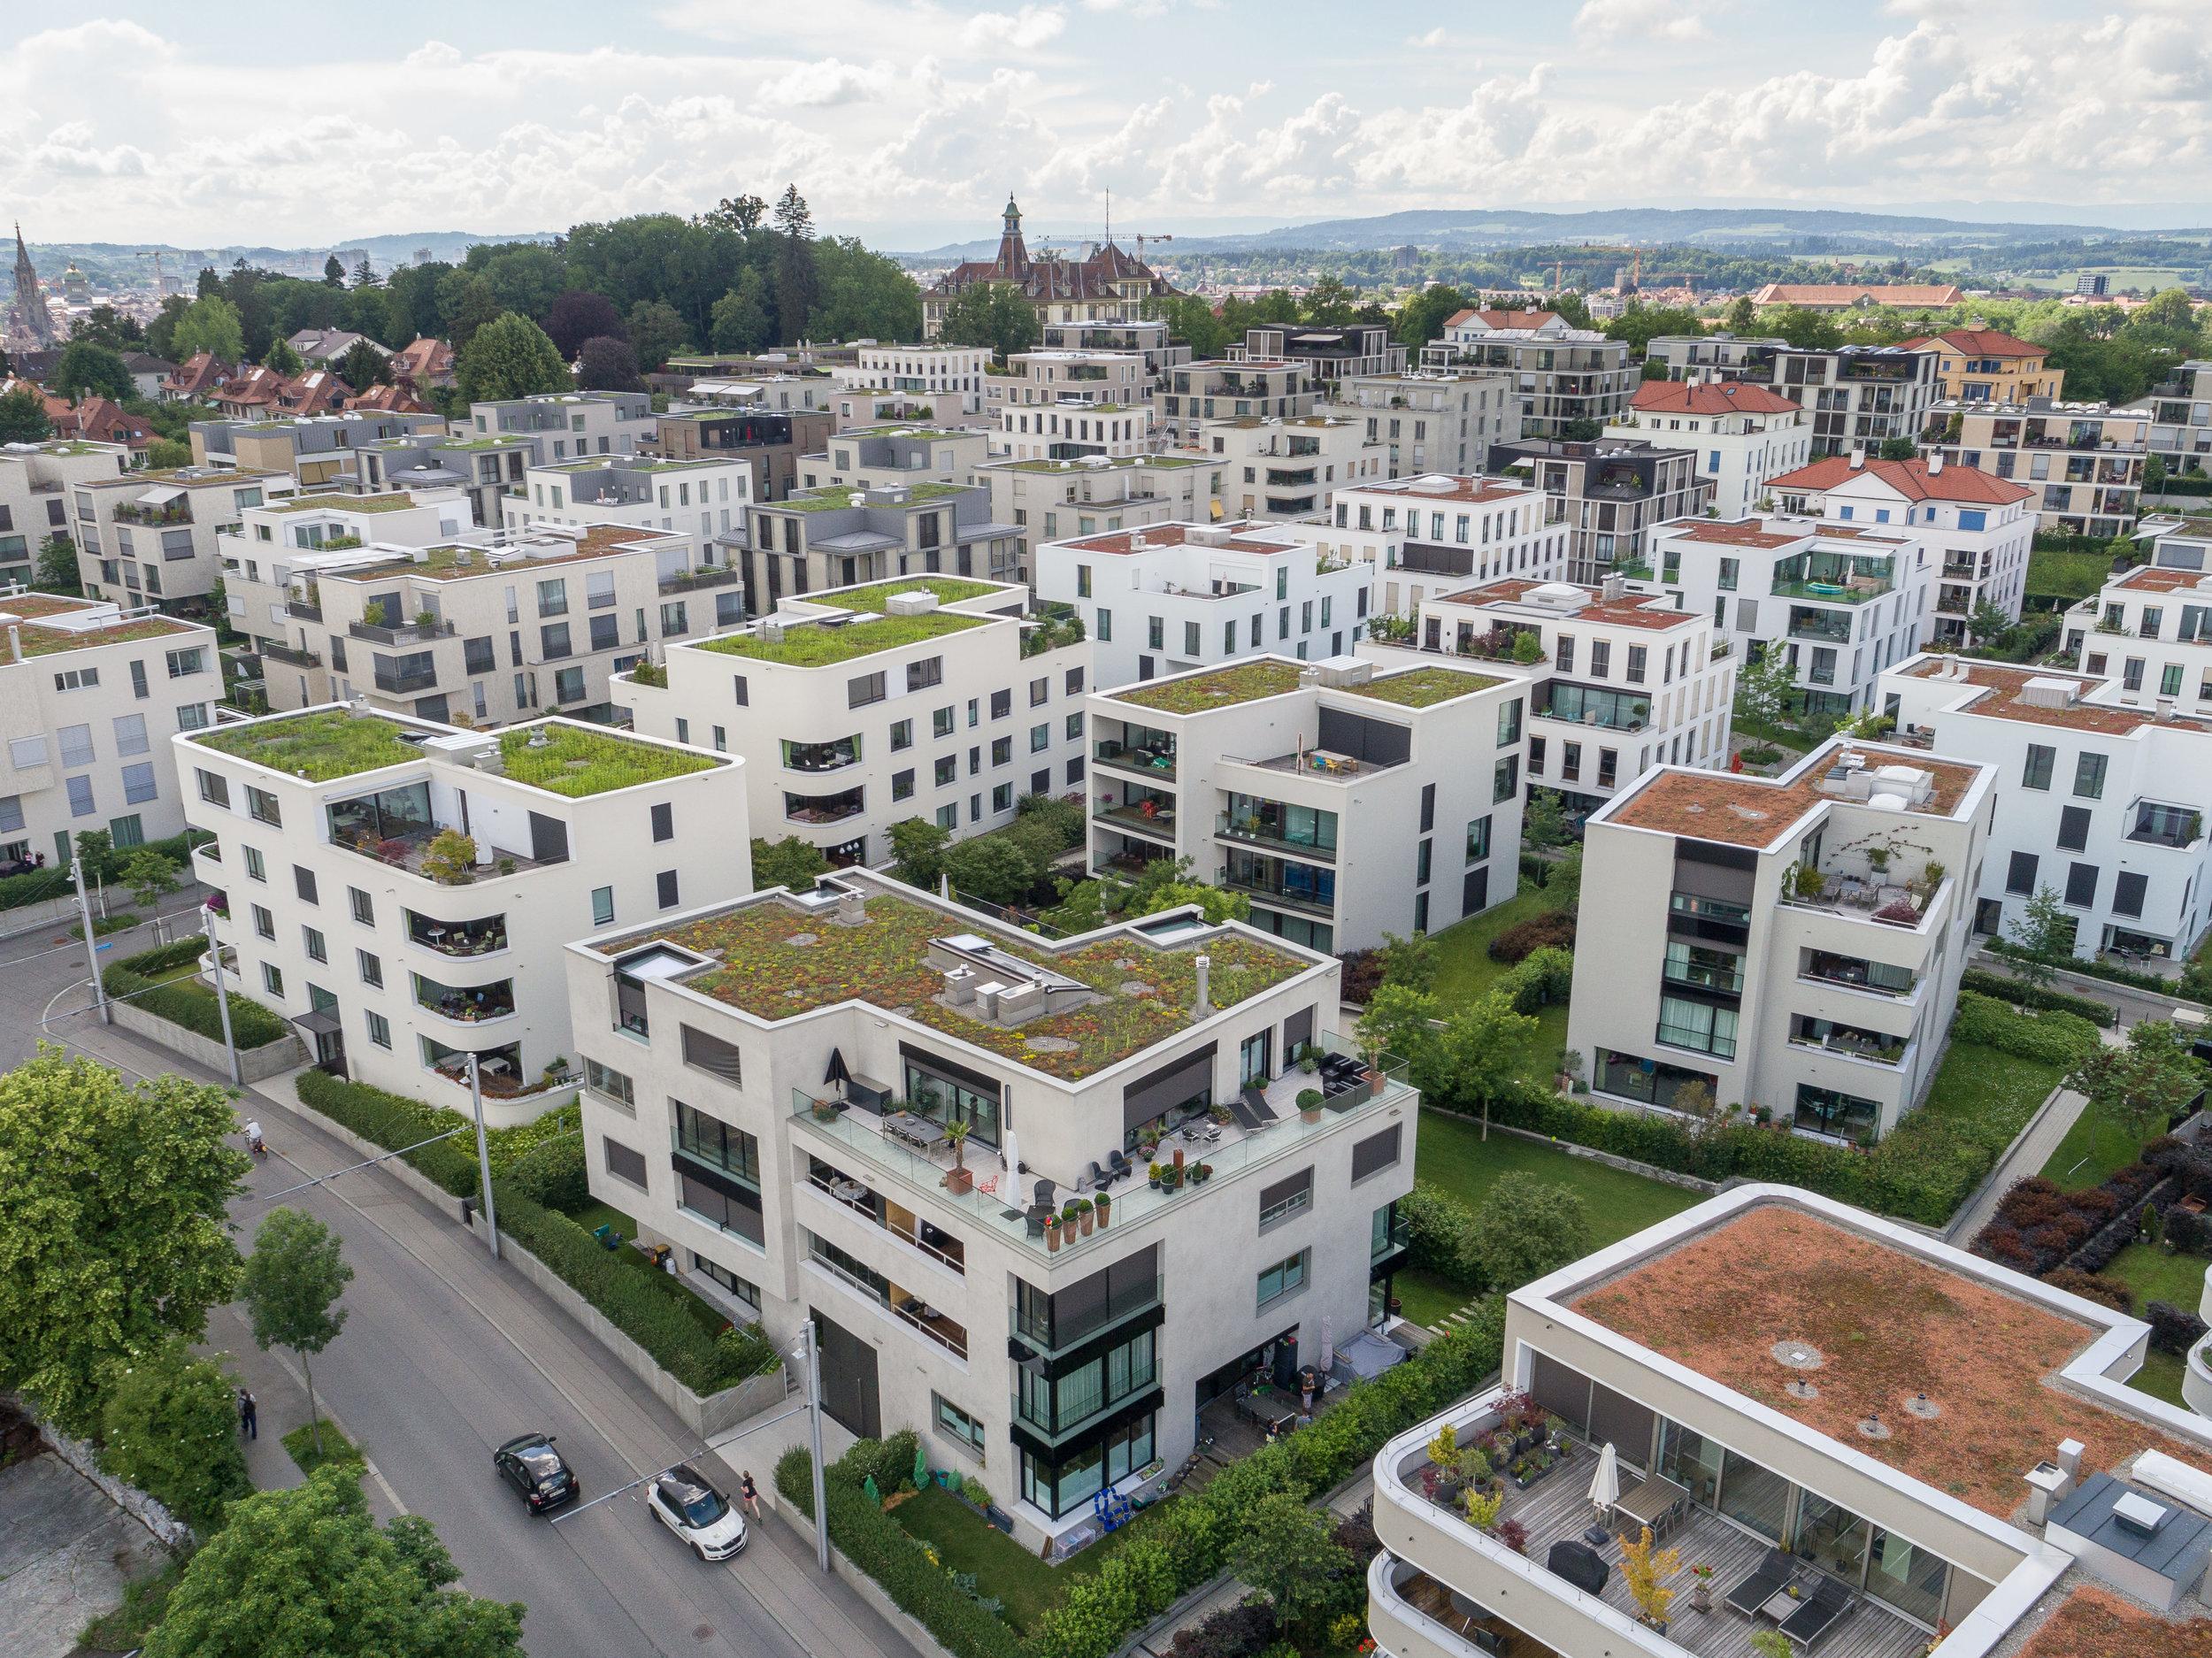 Immobilien und Architektur Fotograf-0011.jpg